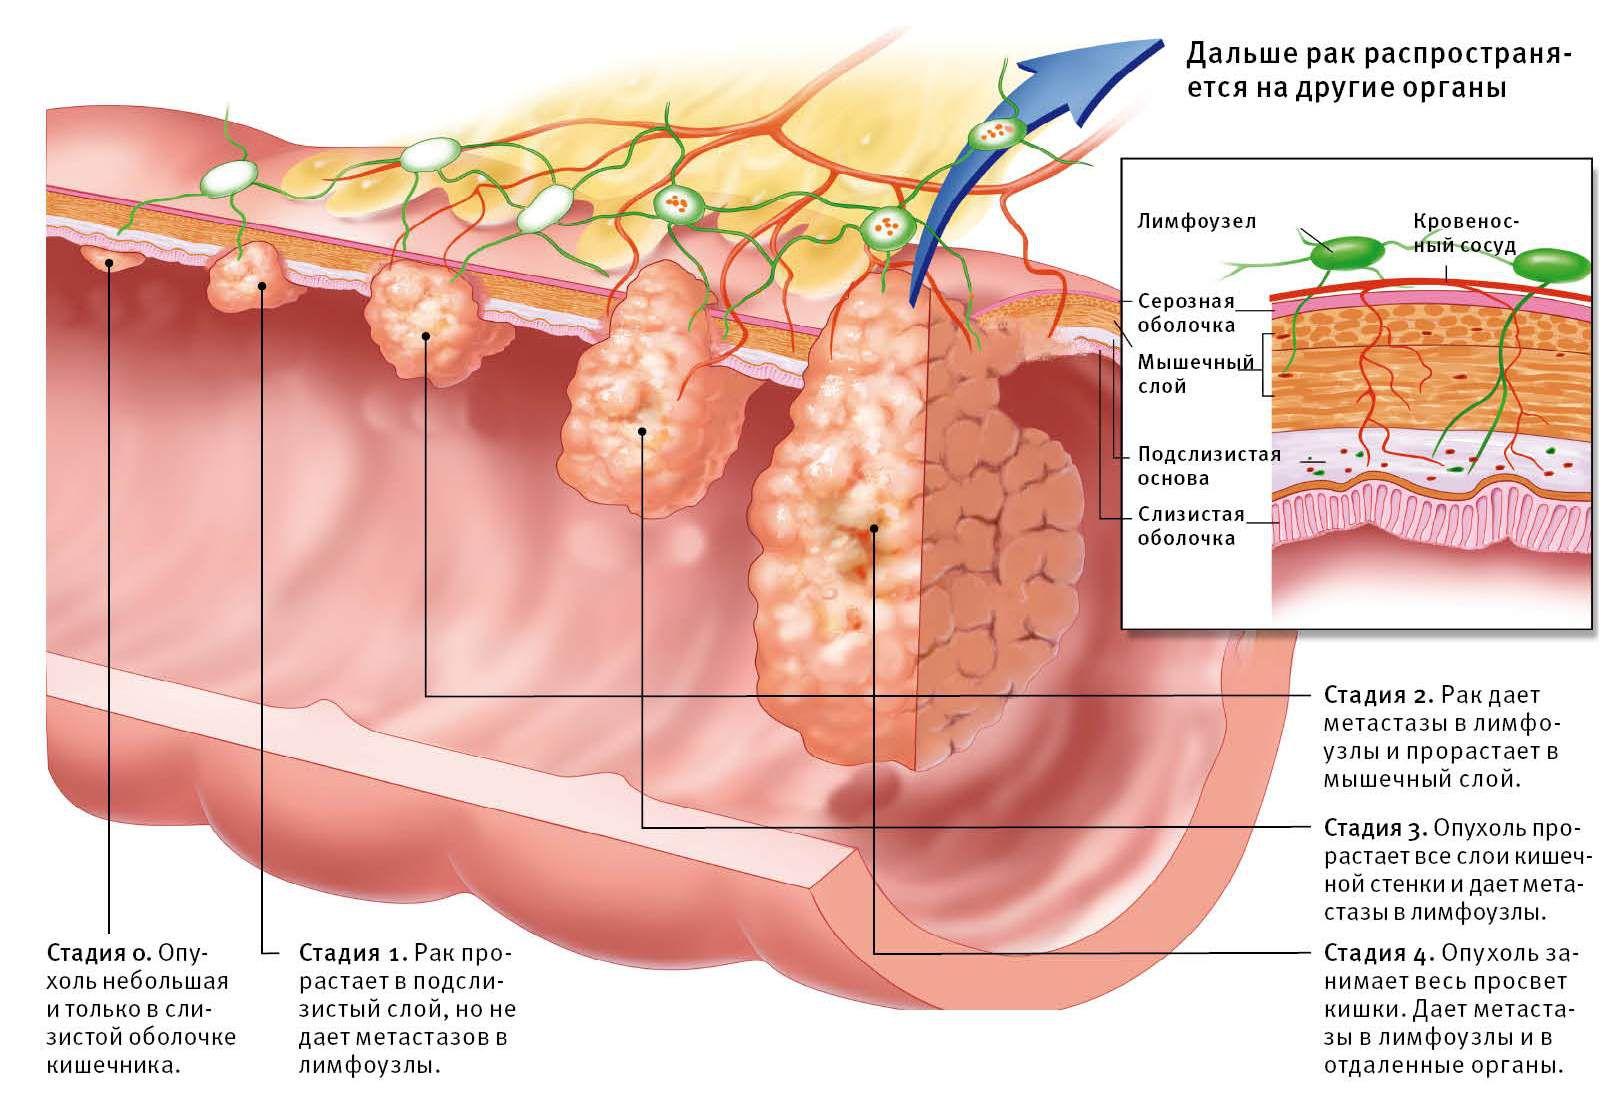 Лечение абсцесса после укола симптомы